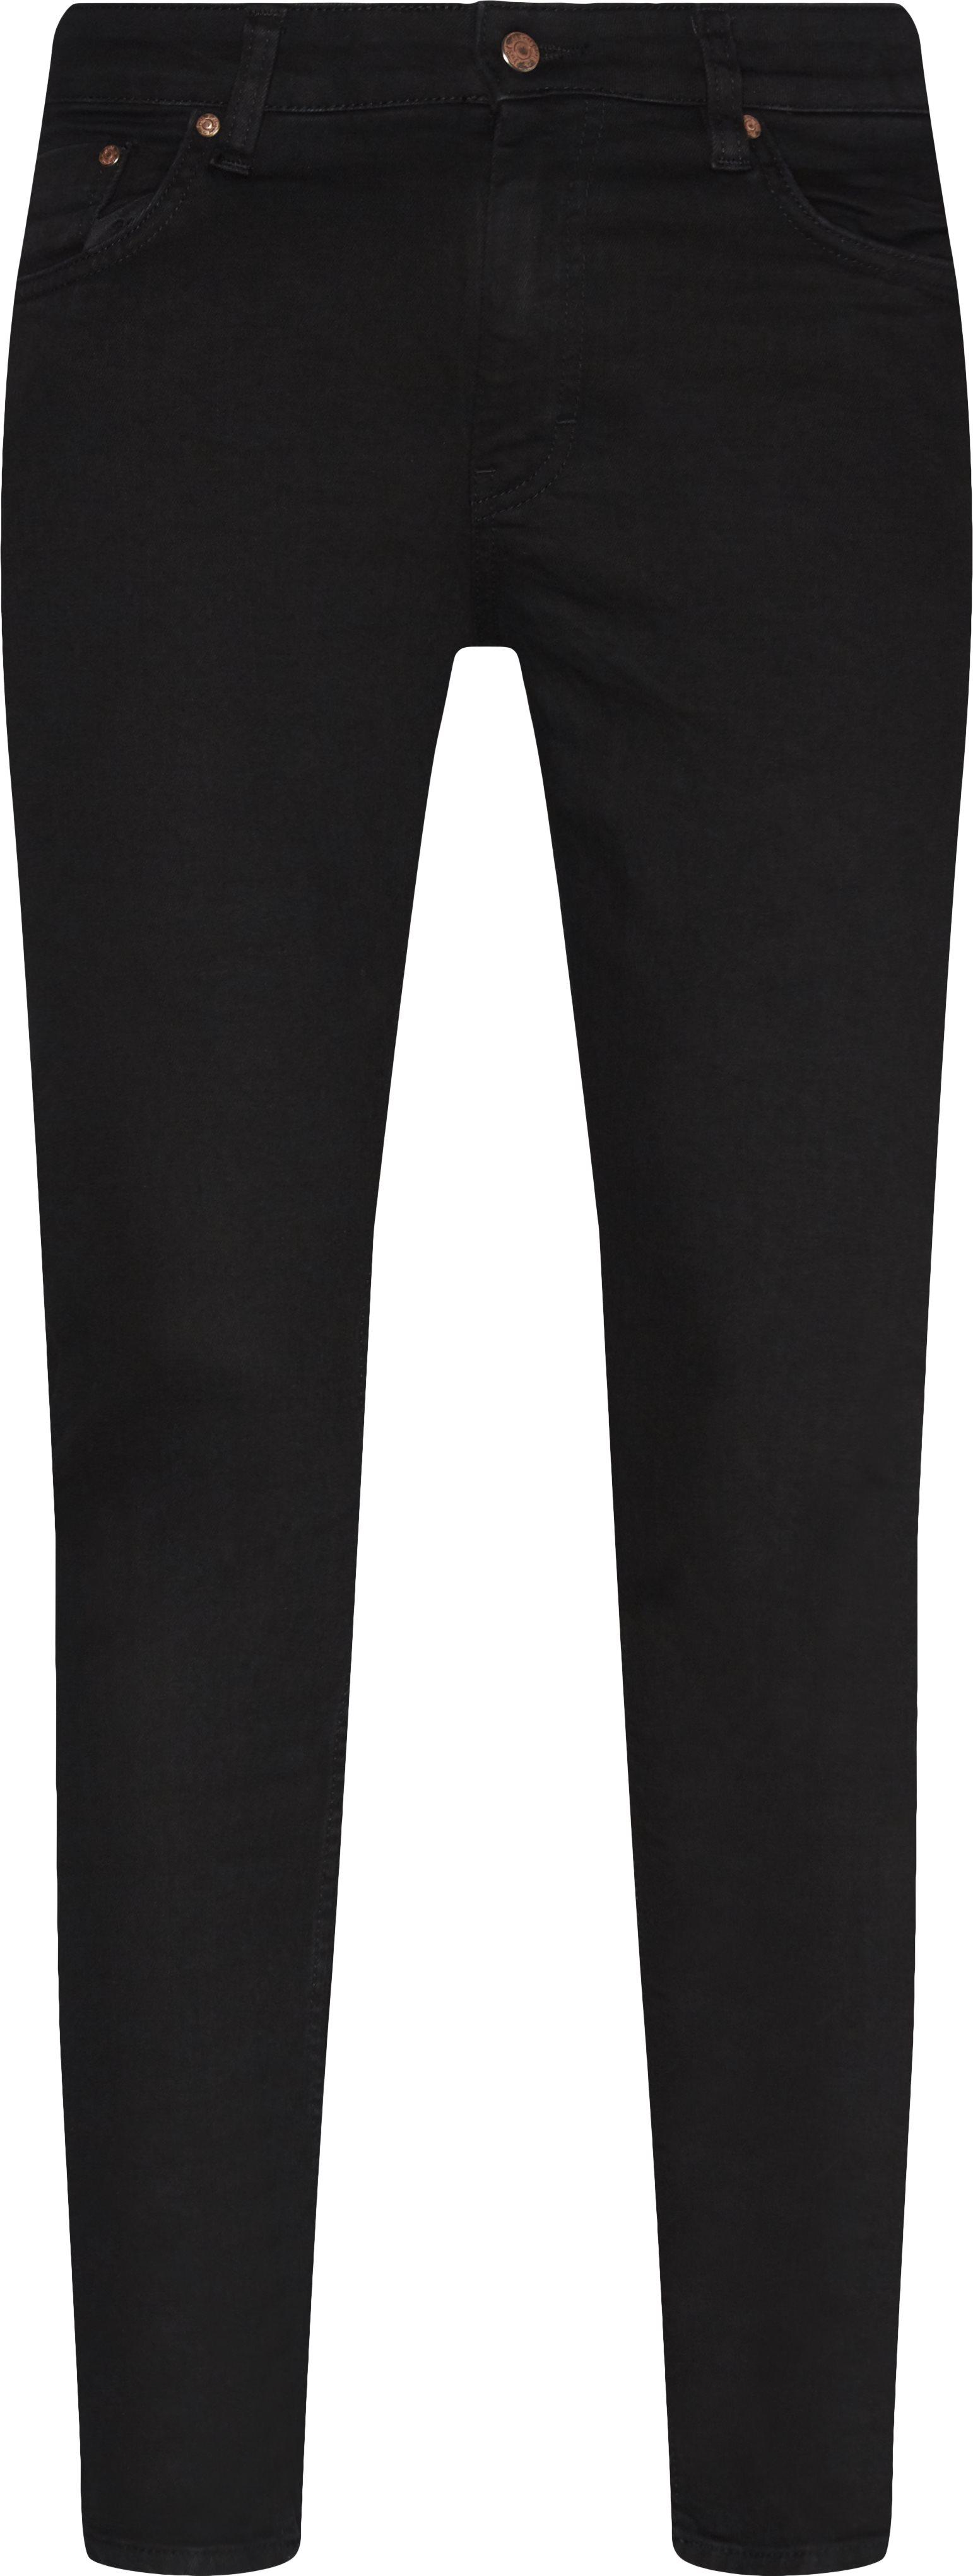 Sicko Black - Jeans - Slim - Sort